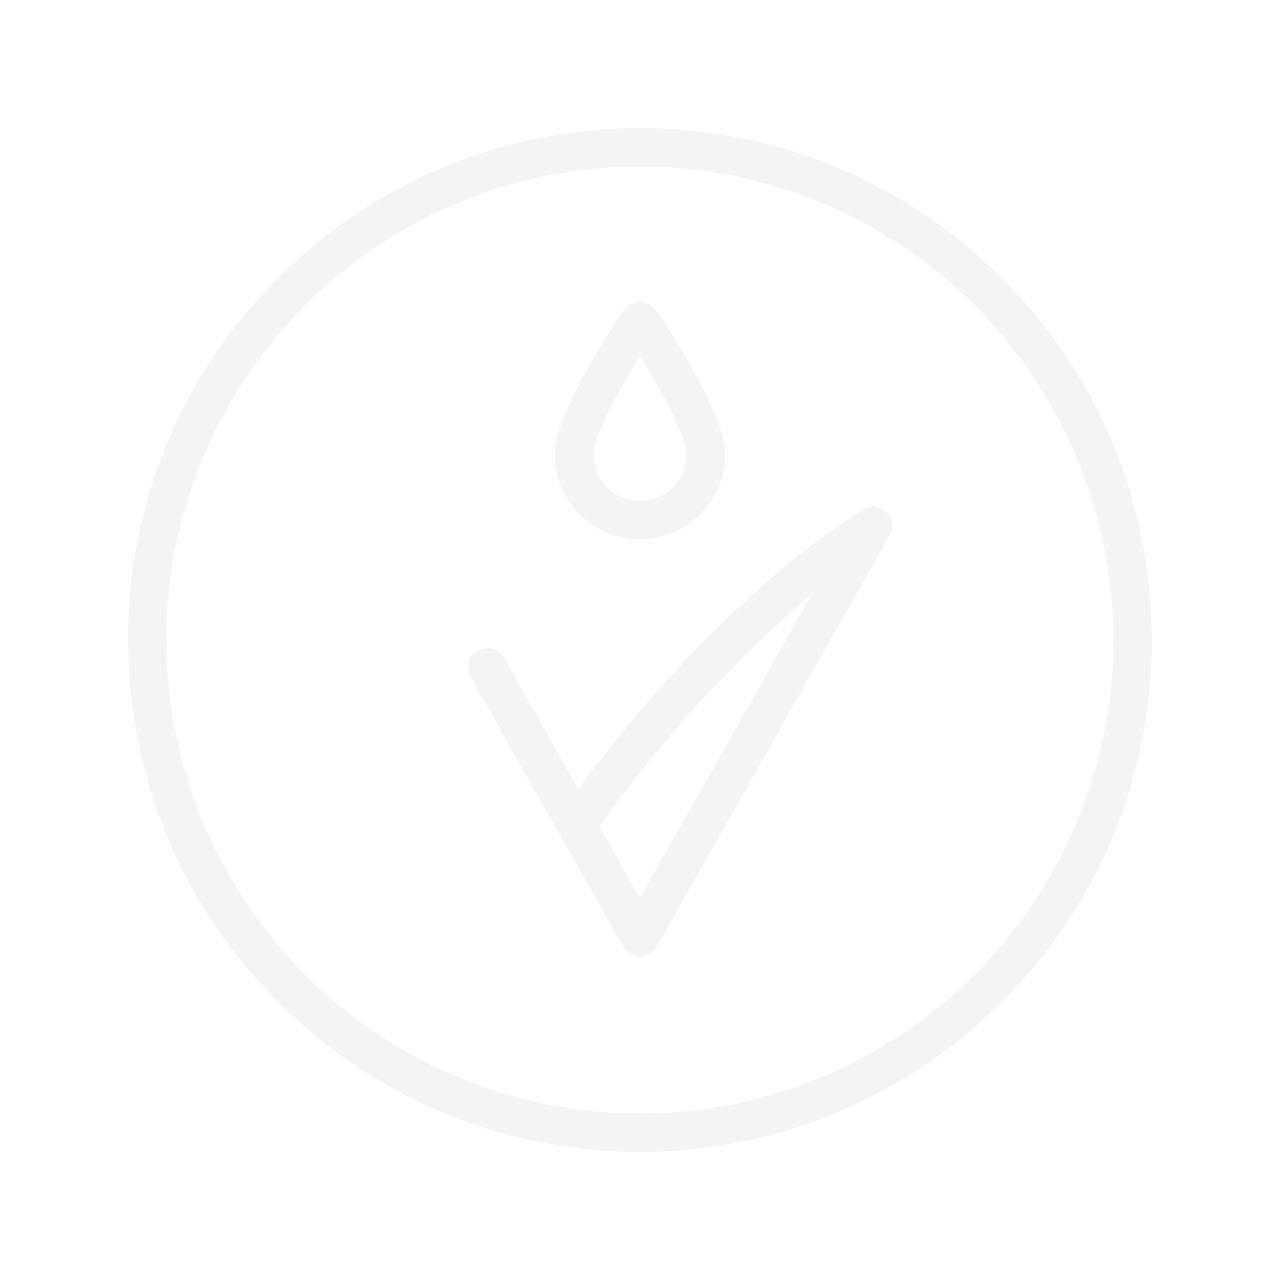 DR. OHHIRA Collagen 10x20ml